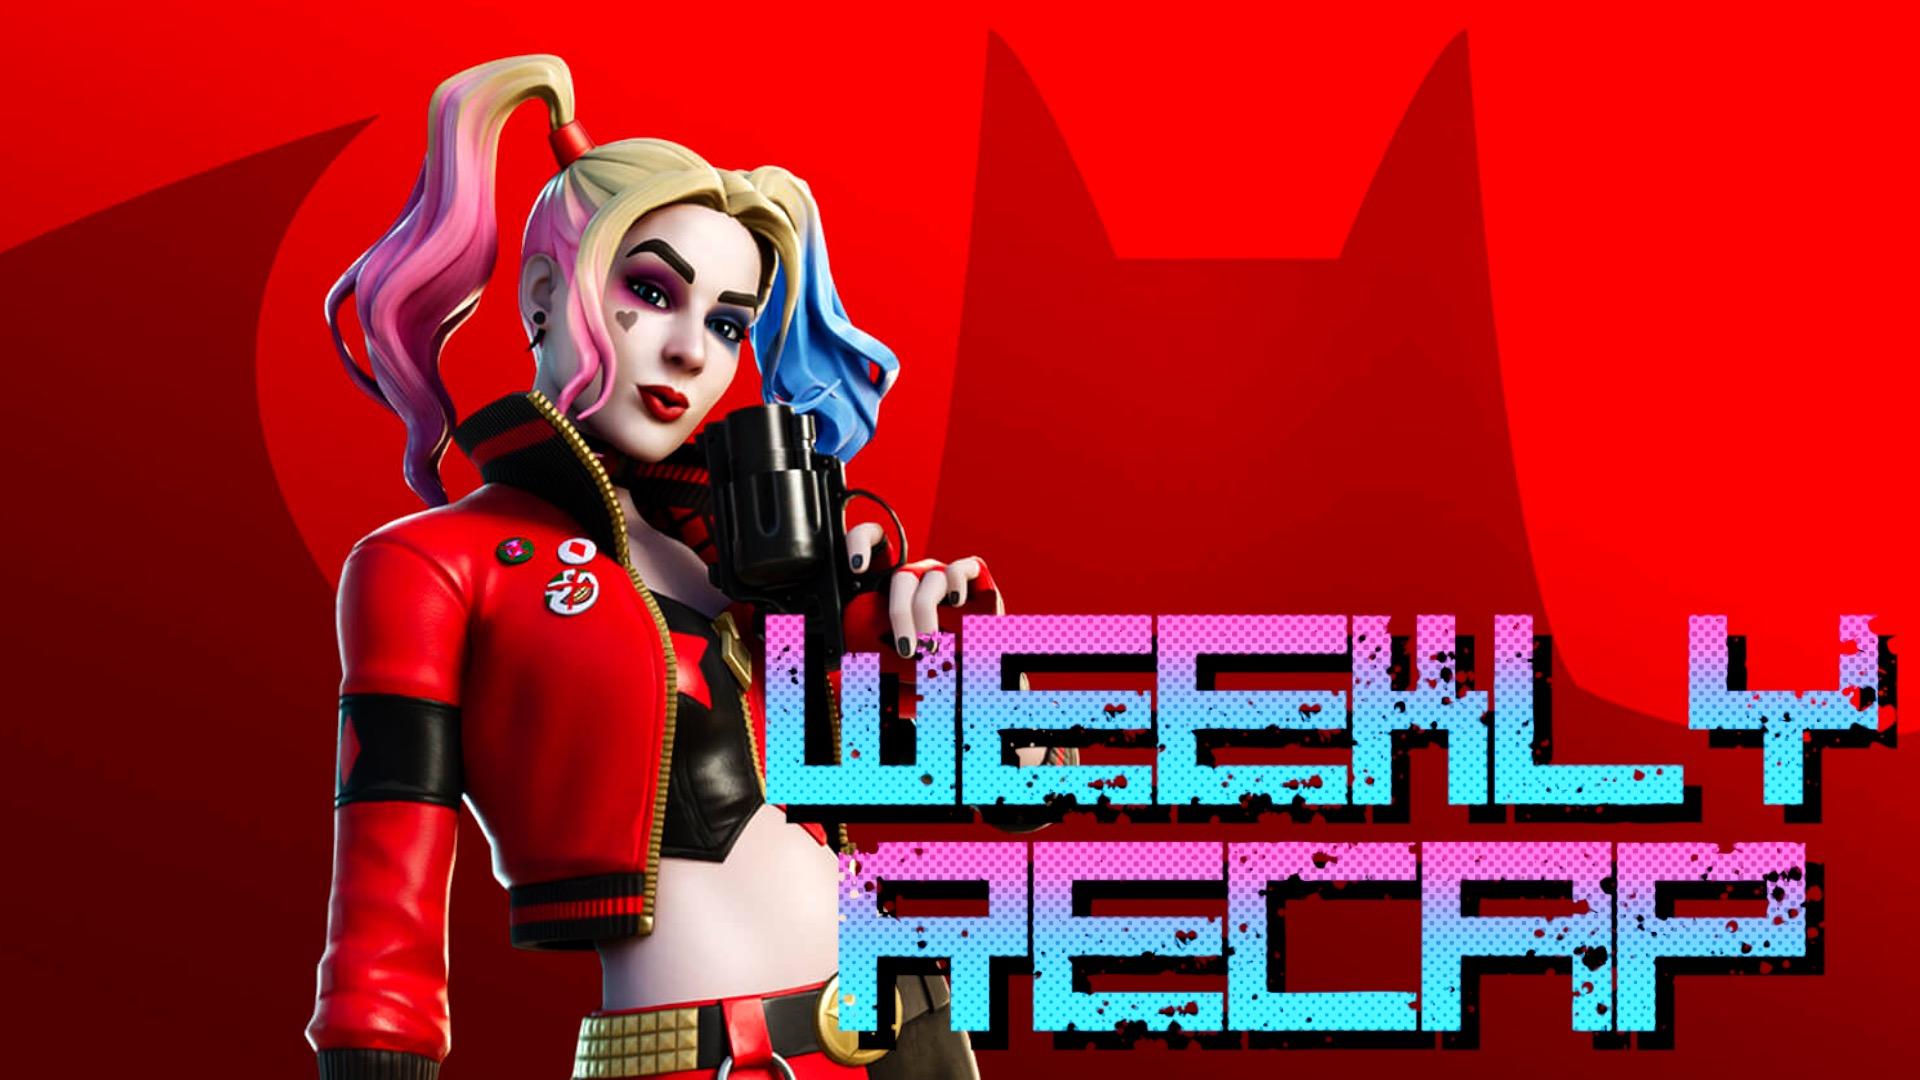 Weekly Recap (Art: Fortnite)